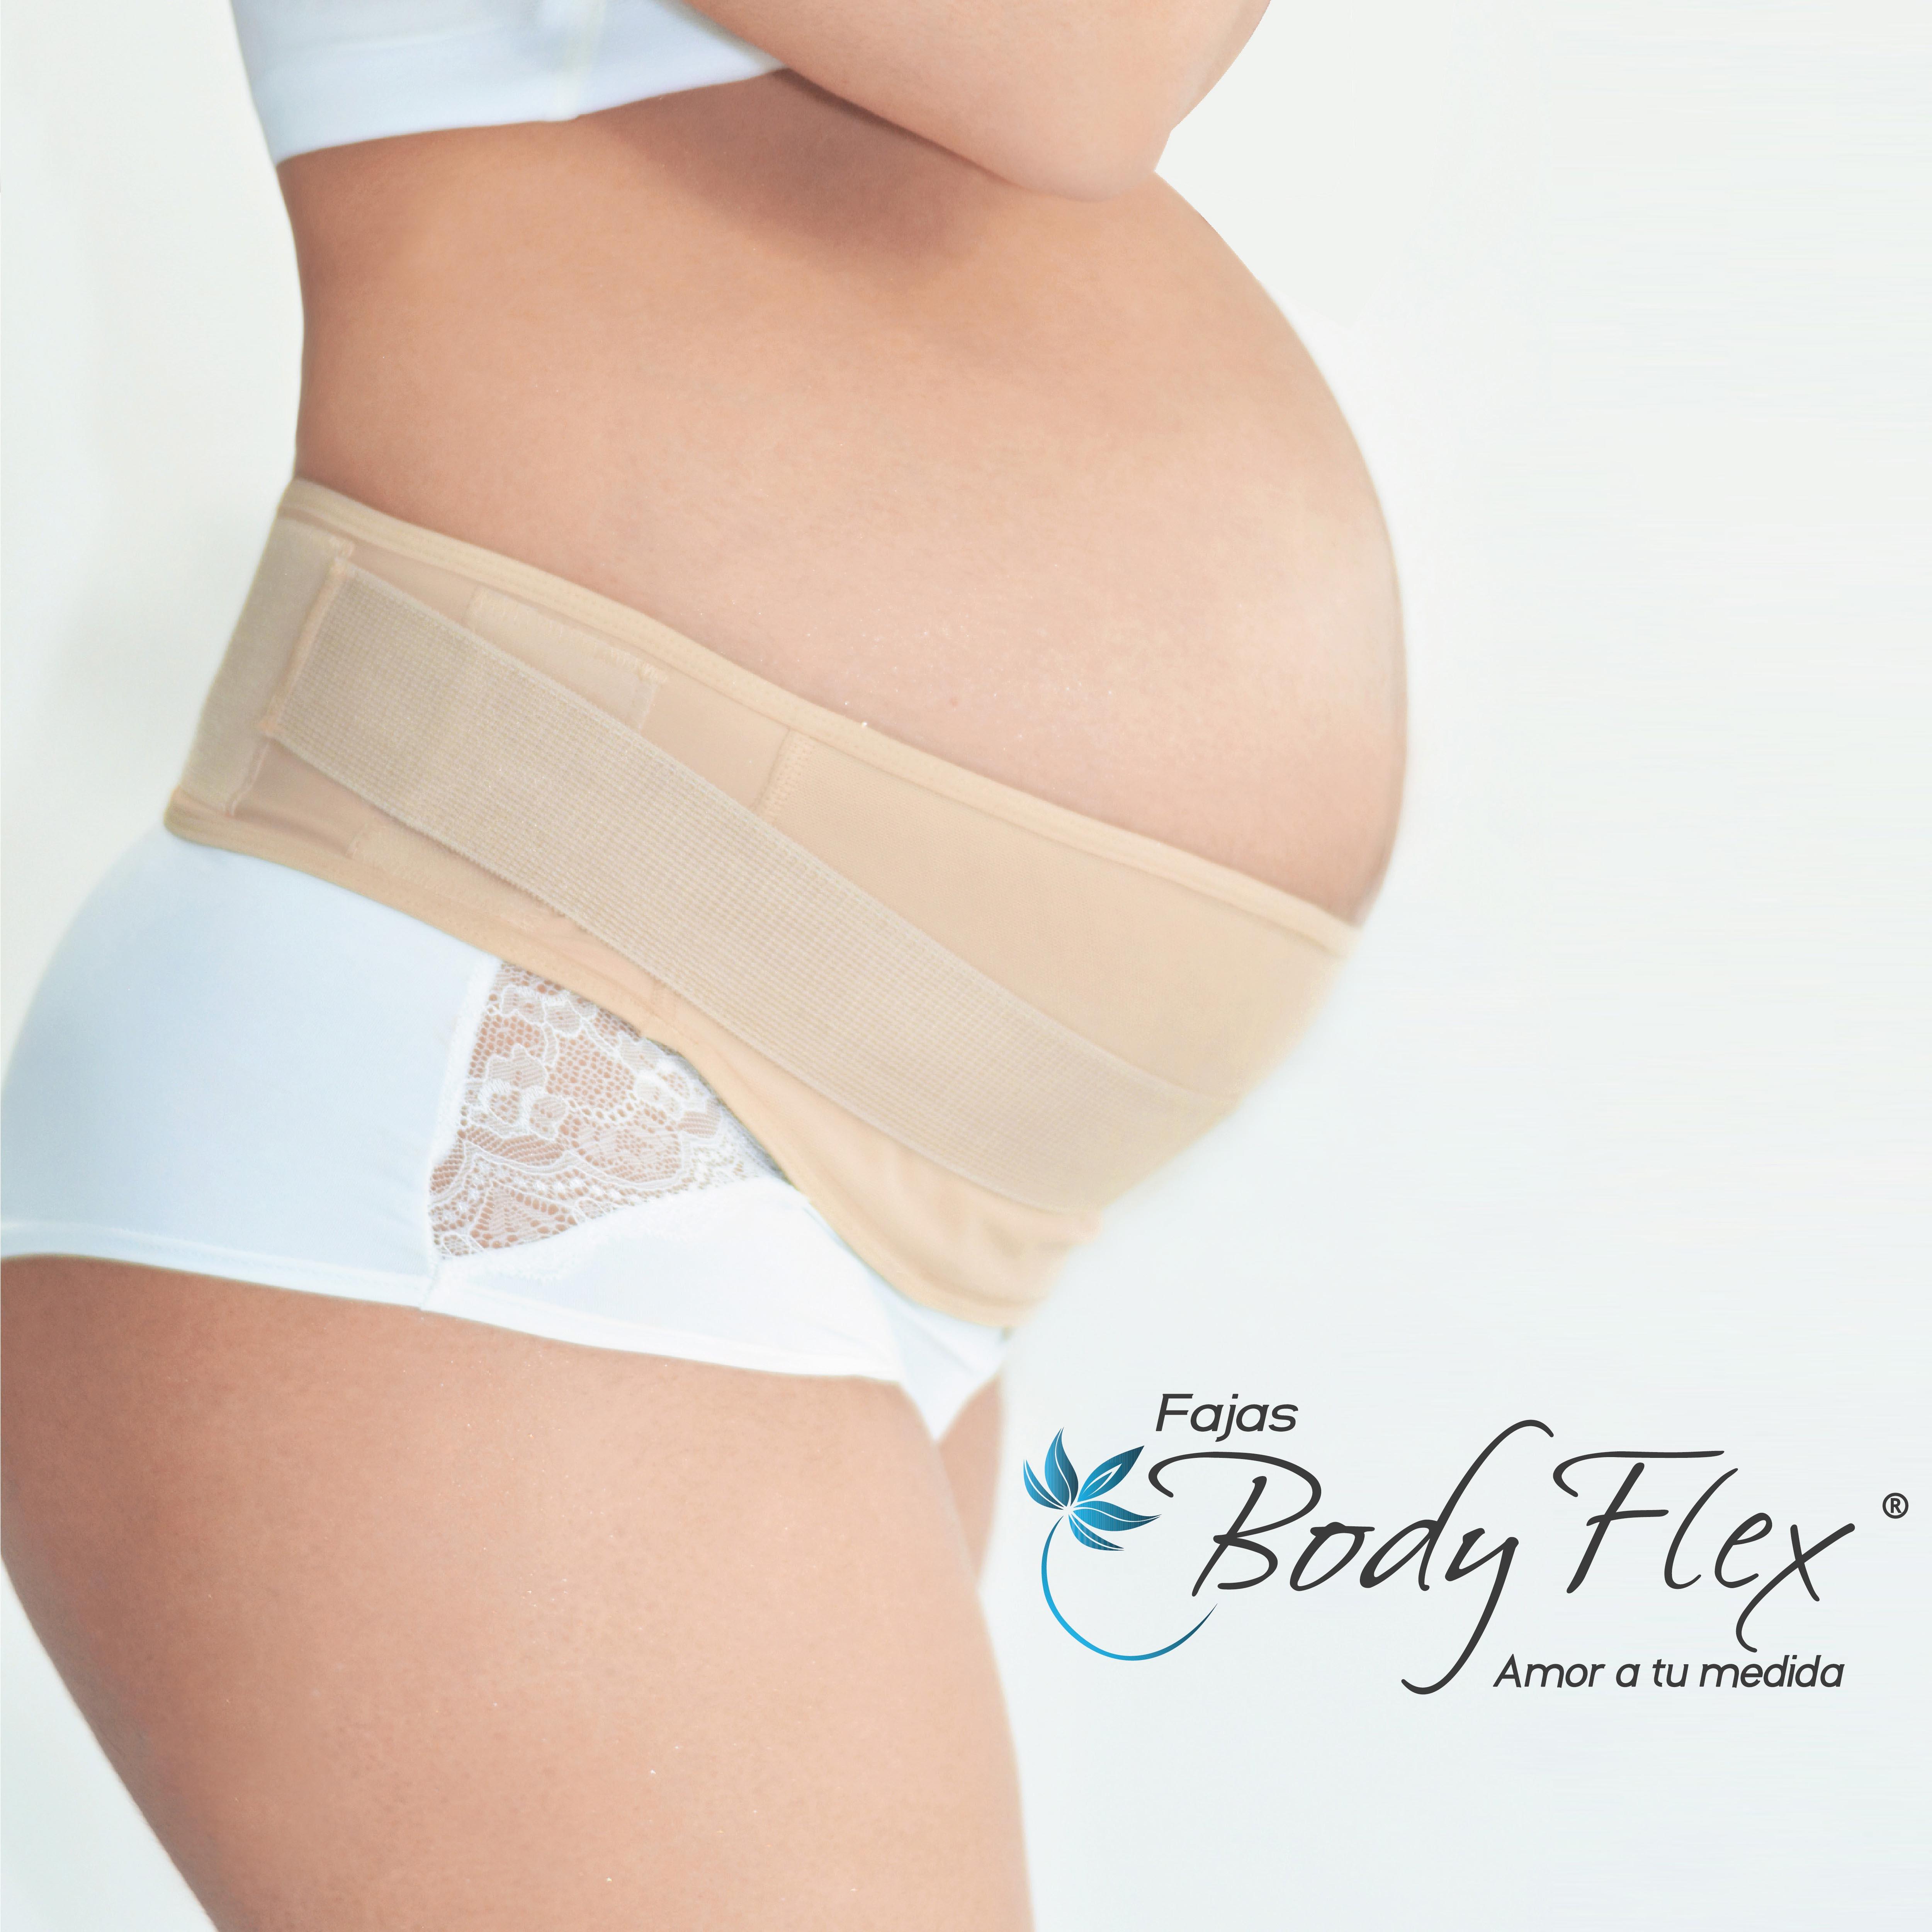 Fajas Body Flex contigo durante y después del embarazo